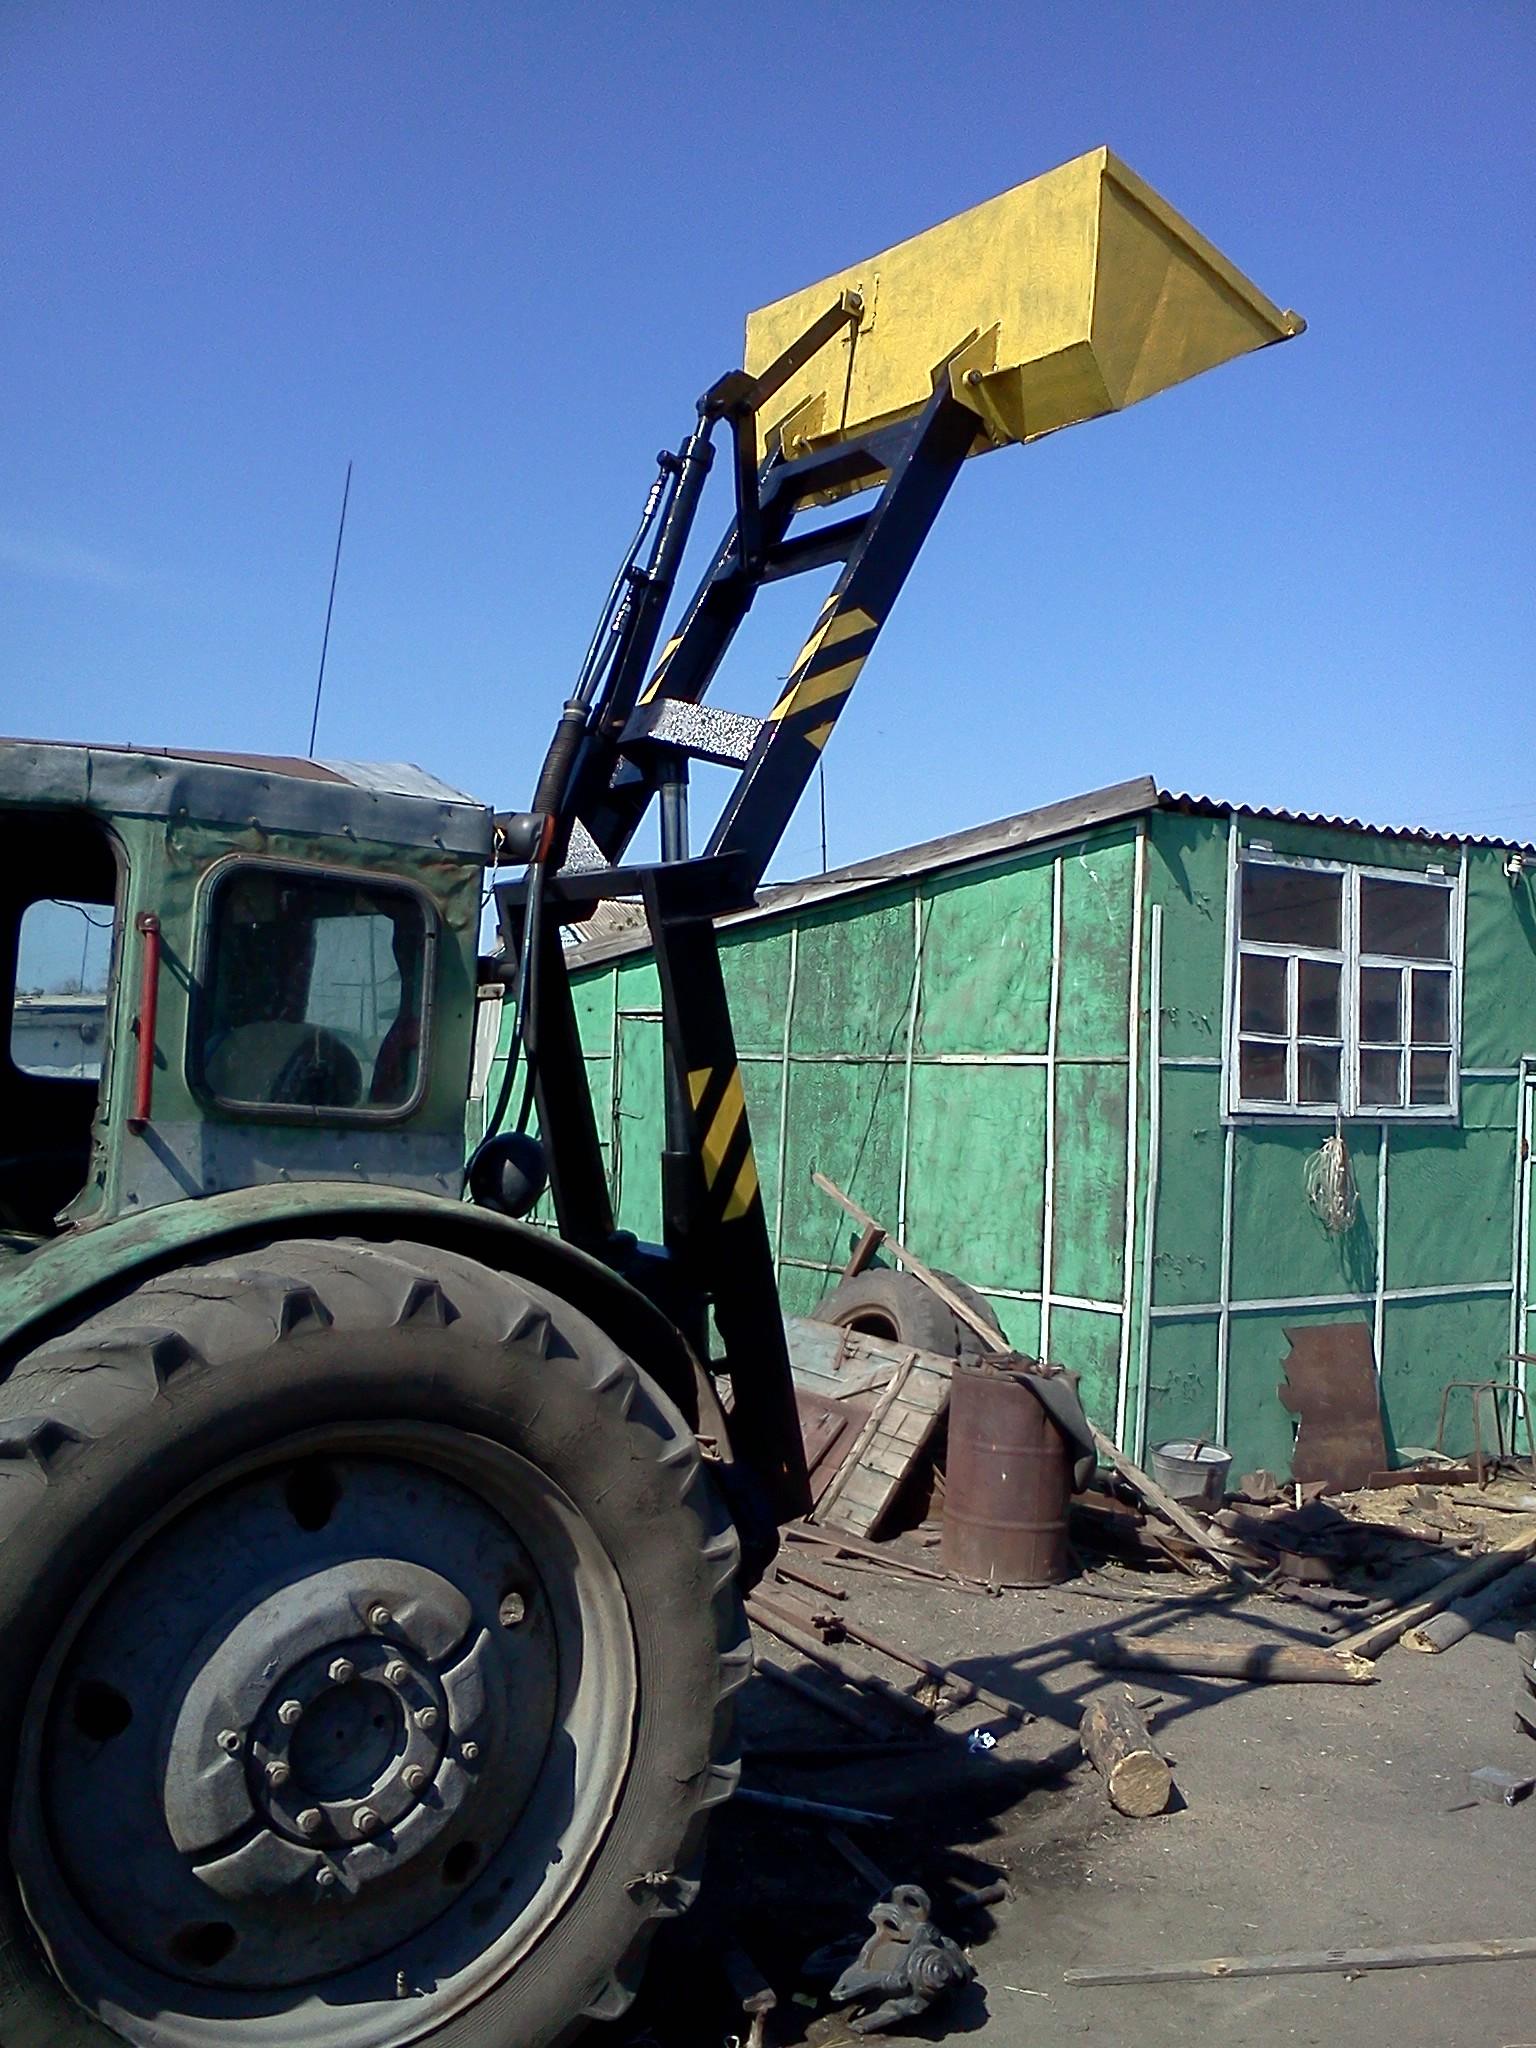 духи, оригинальная фермер ру т40 с бетономешалкой фужерные